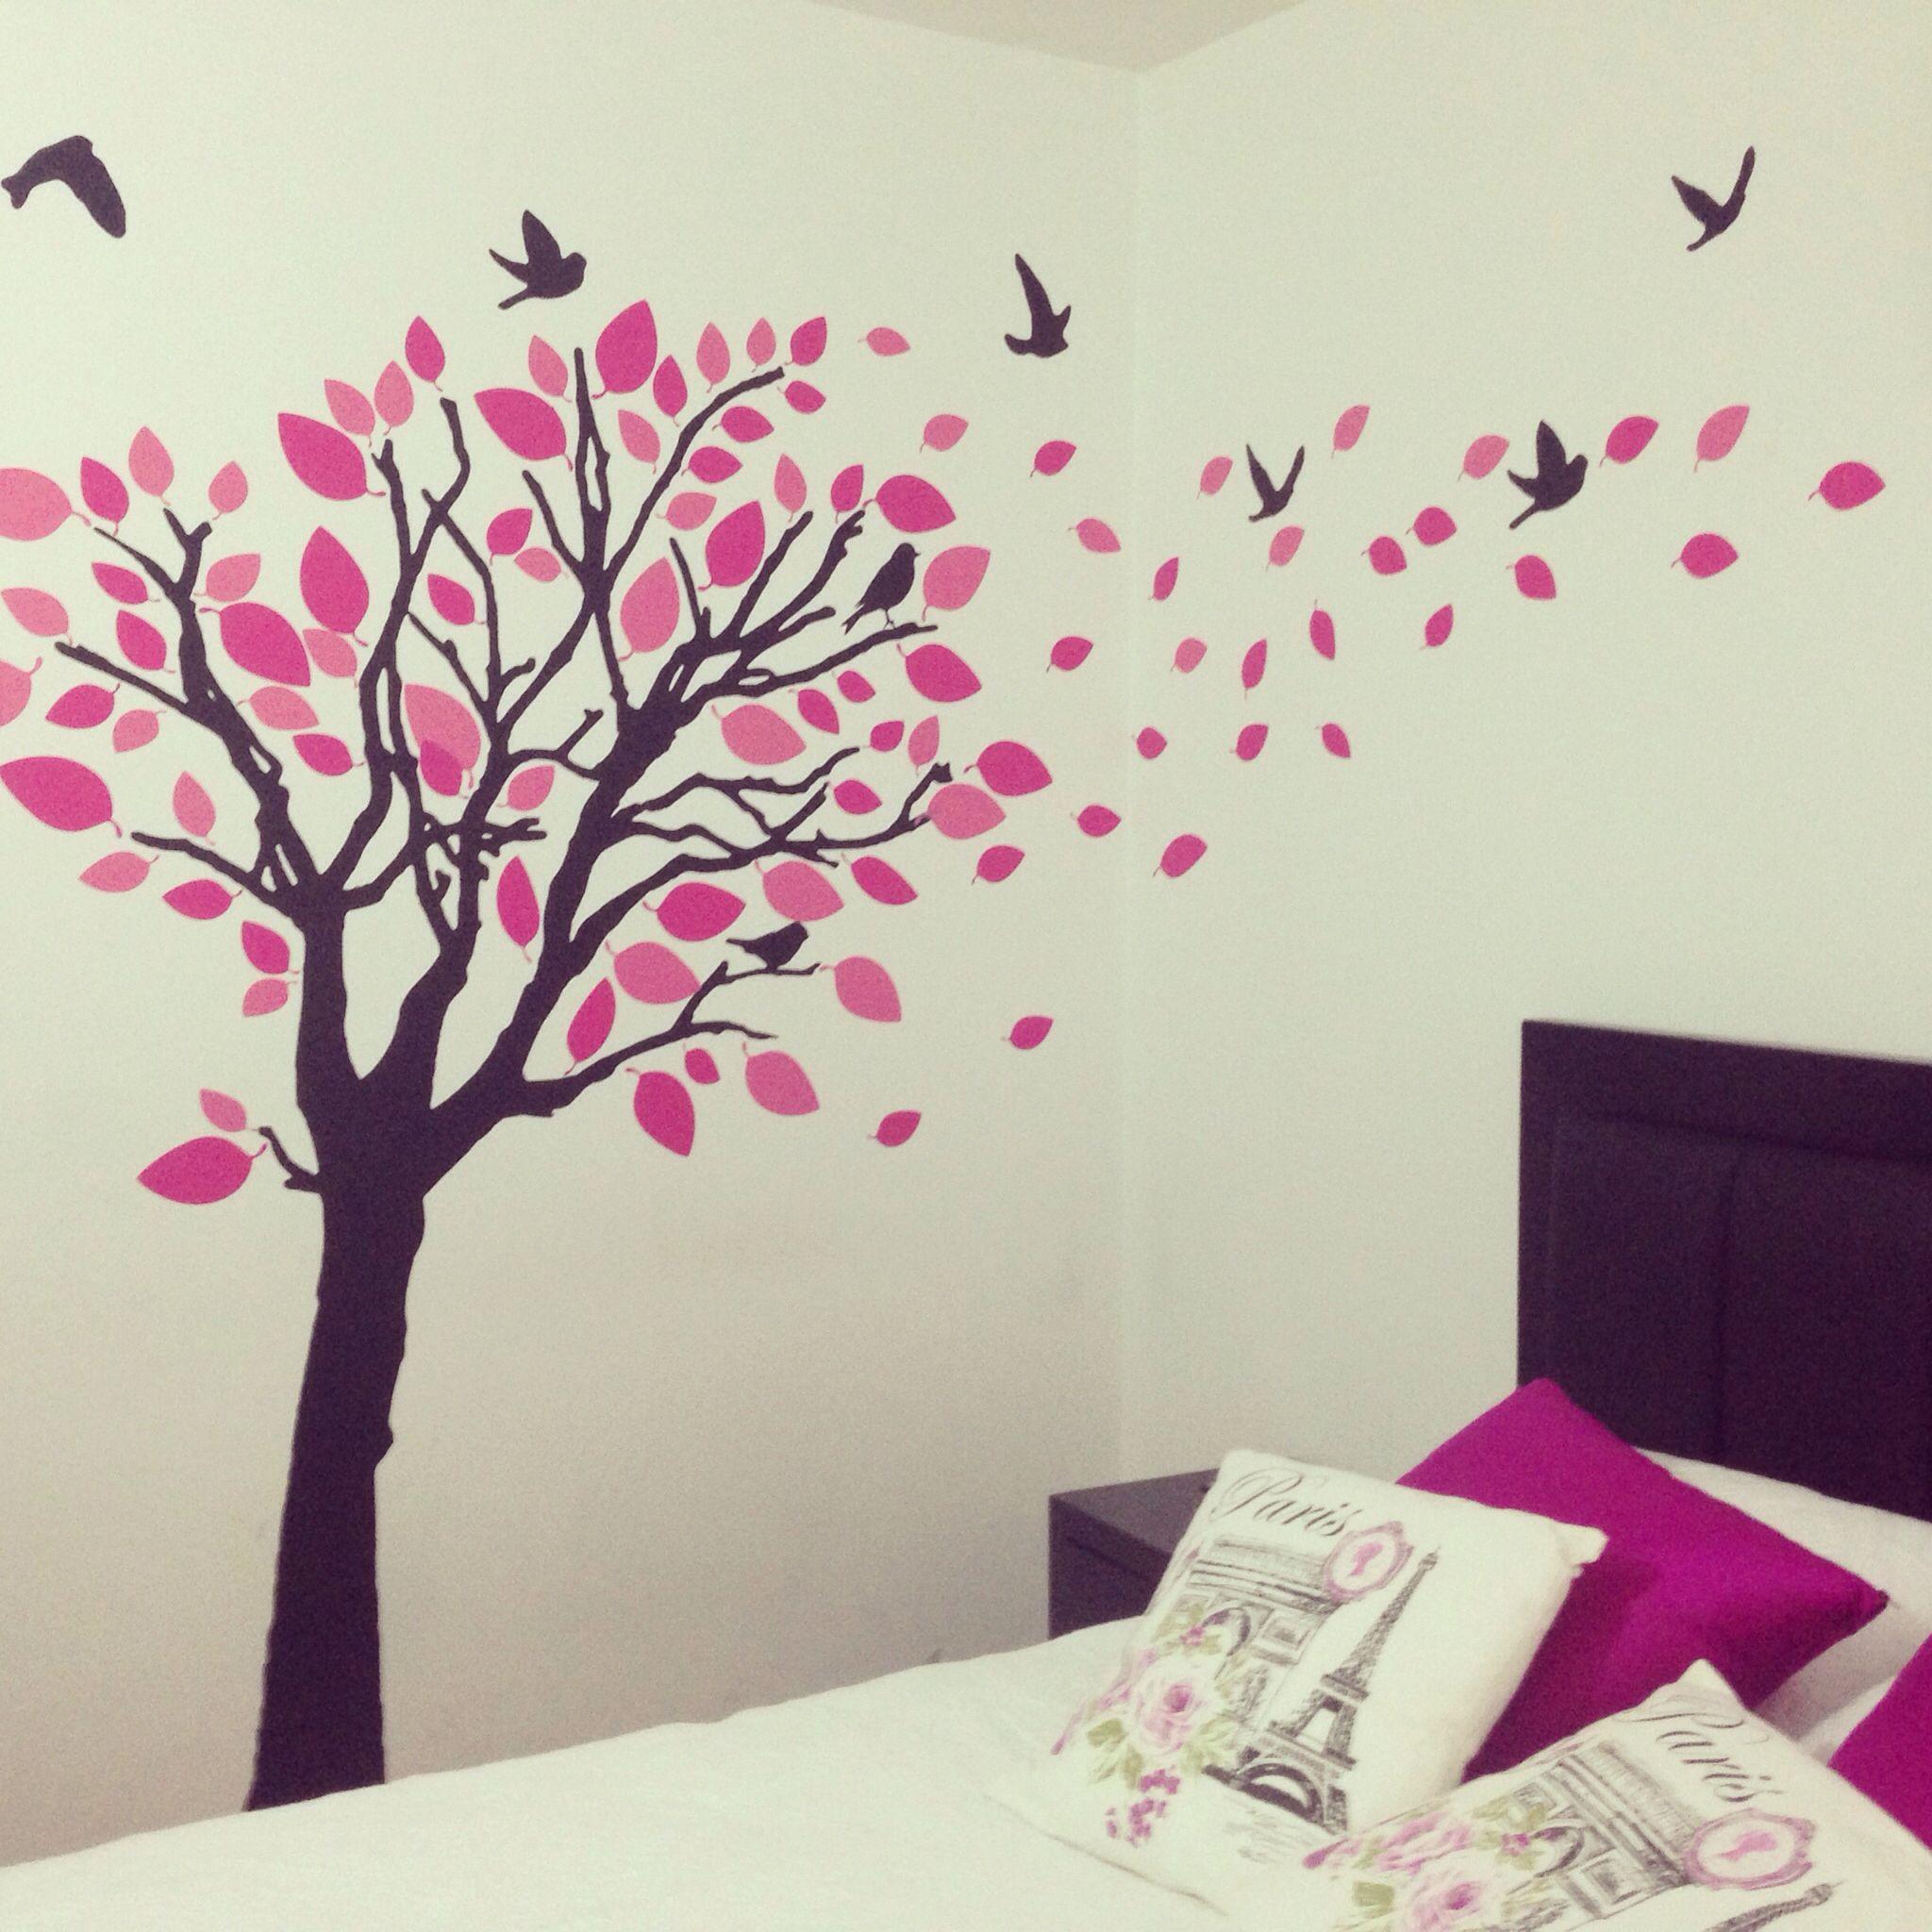 Vinilos decorativos personalizados para hogar u oficina, diseñamos a ...